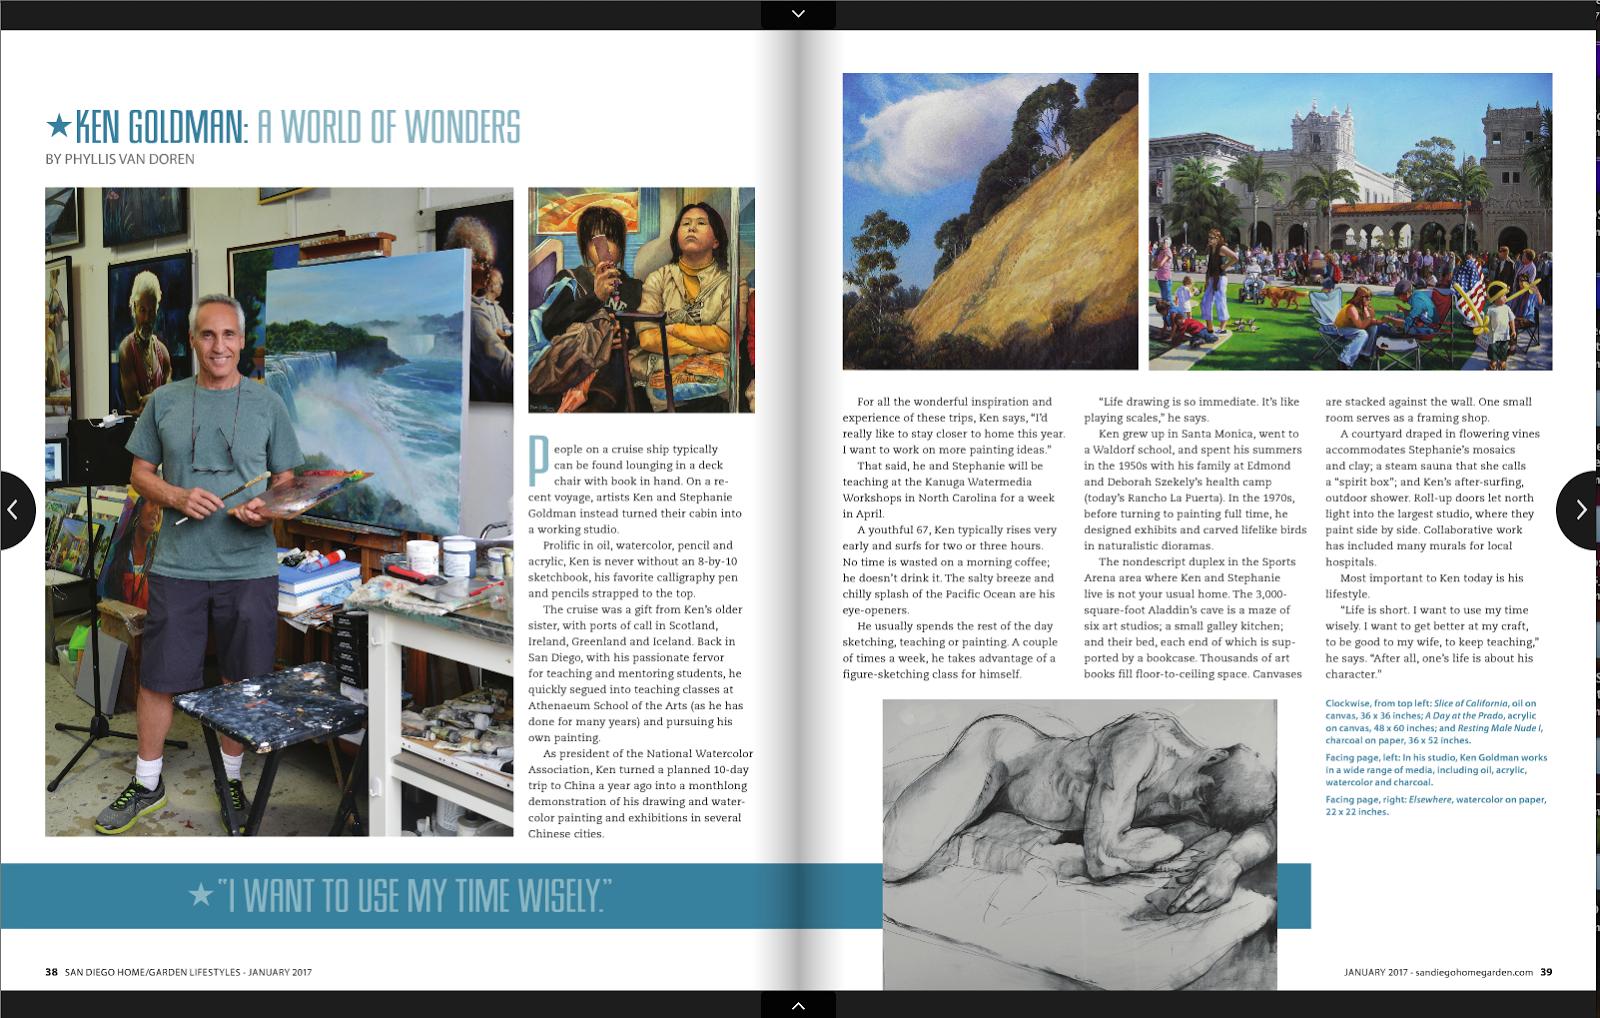 Ken Goldman Nws Aws Thank You San Diego Home Garden Magazine